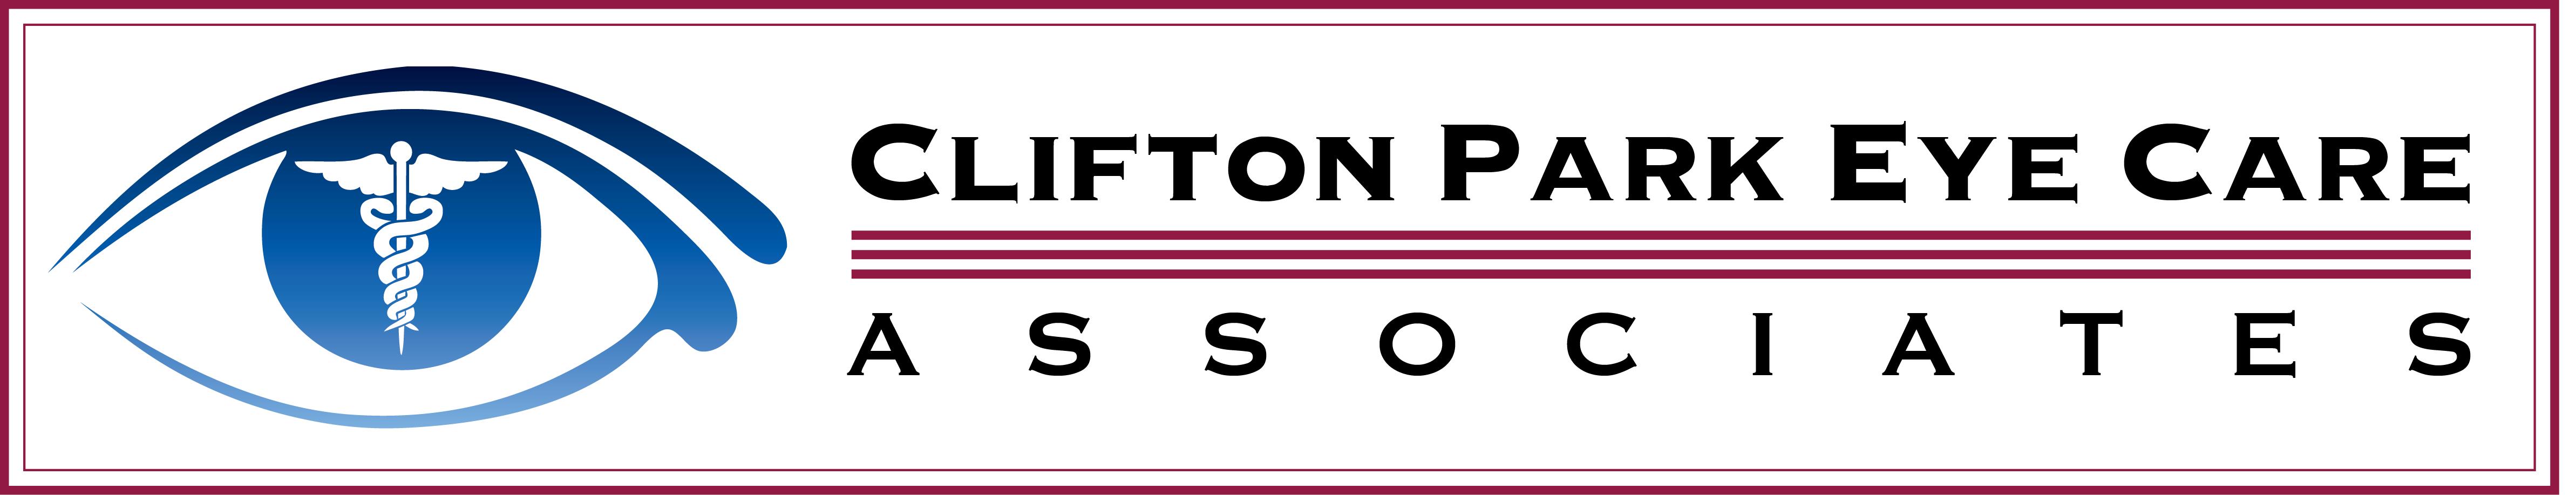 Clifton Park Eye Care Association Logo